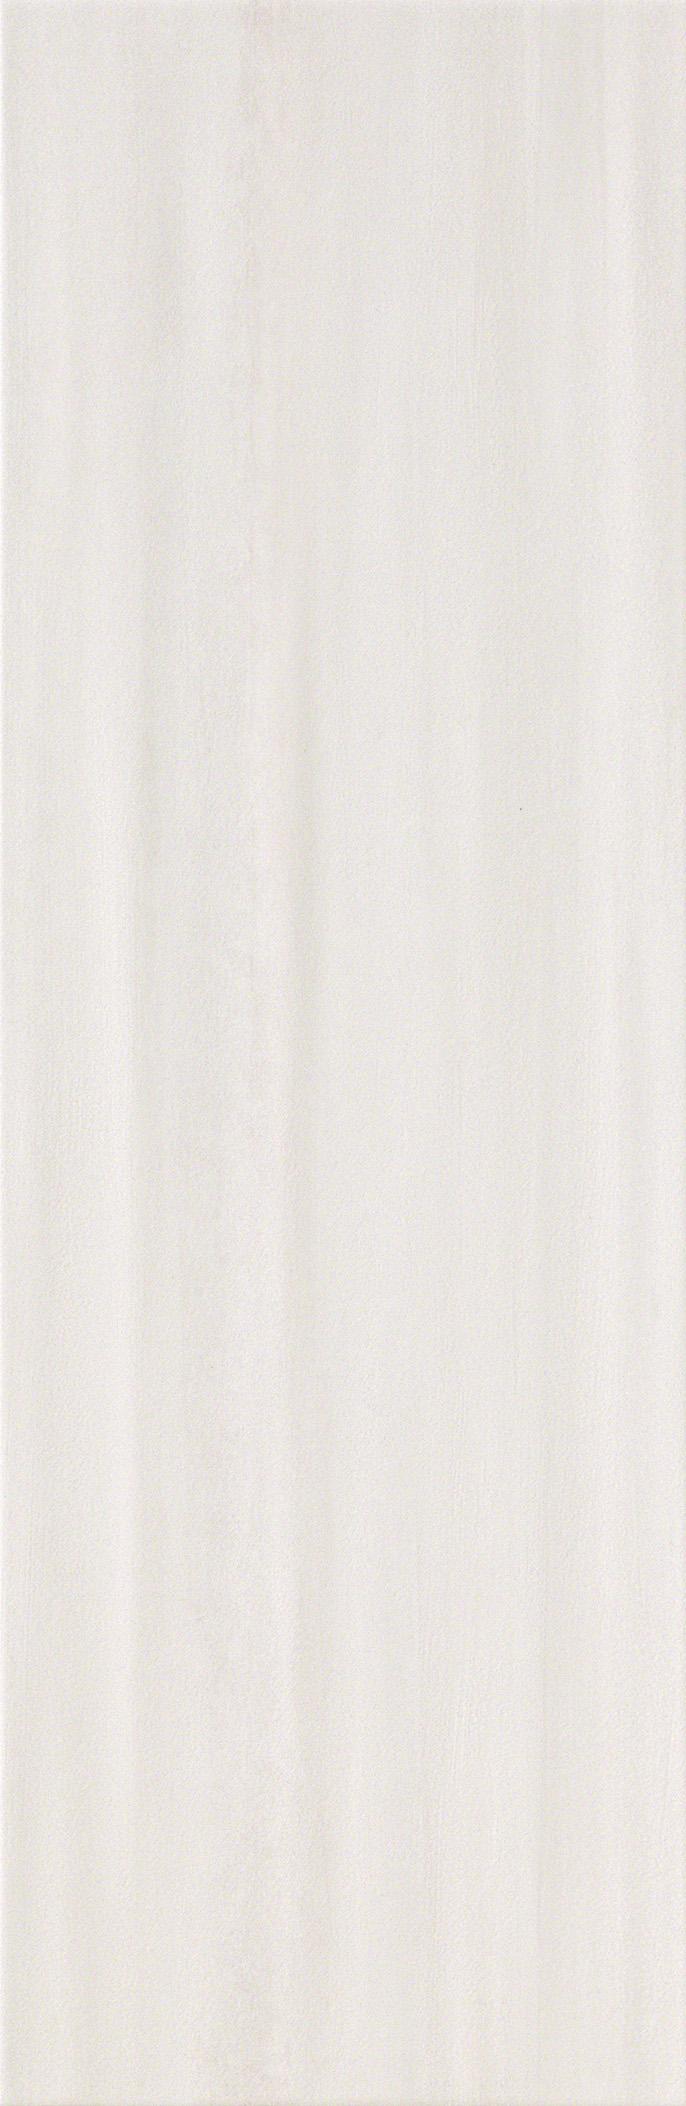 Настенная плитка FAP Ceramiche SOLE +14330 Bianco настенная плитка impronta ceramiche square wall bianco formelle 25x75